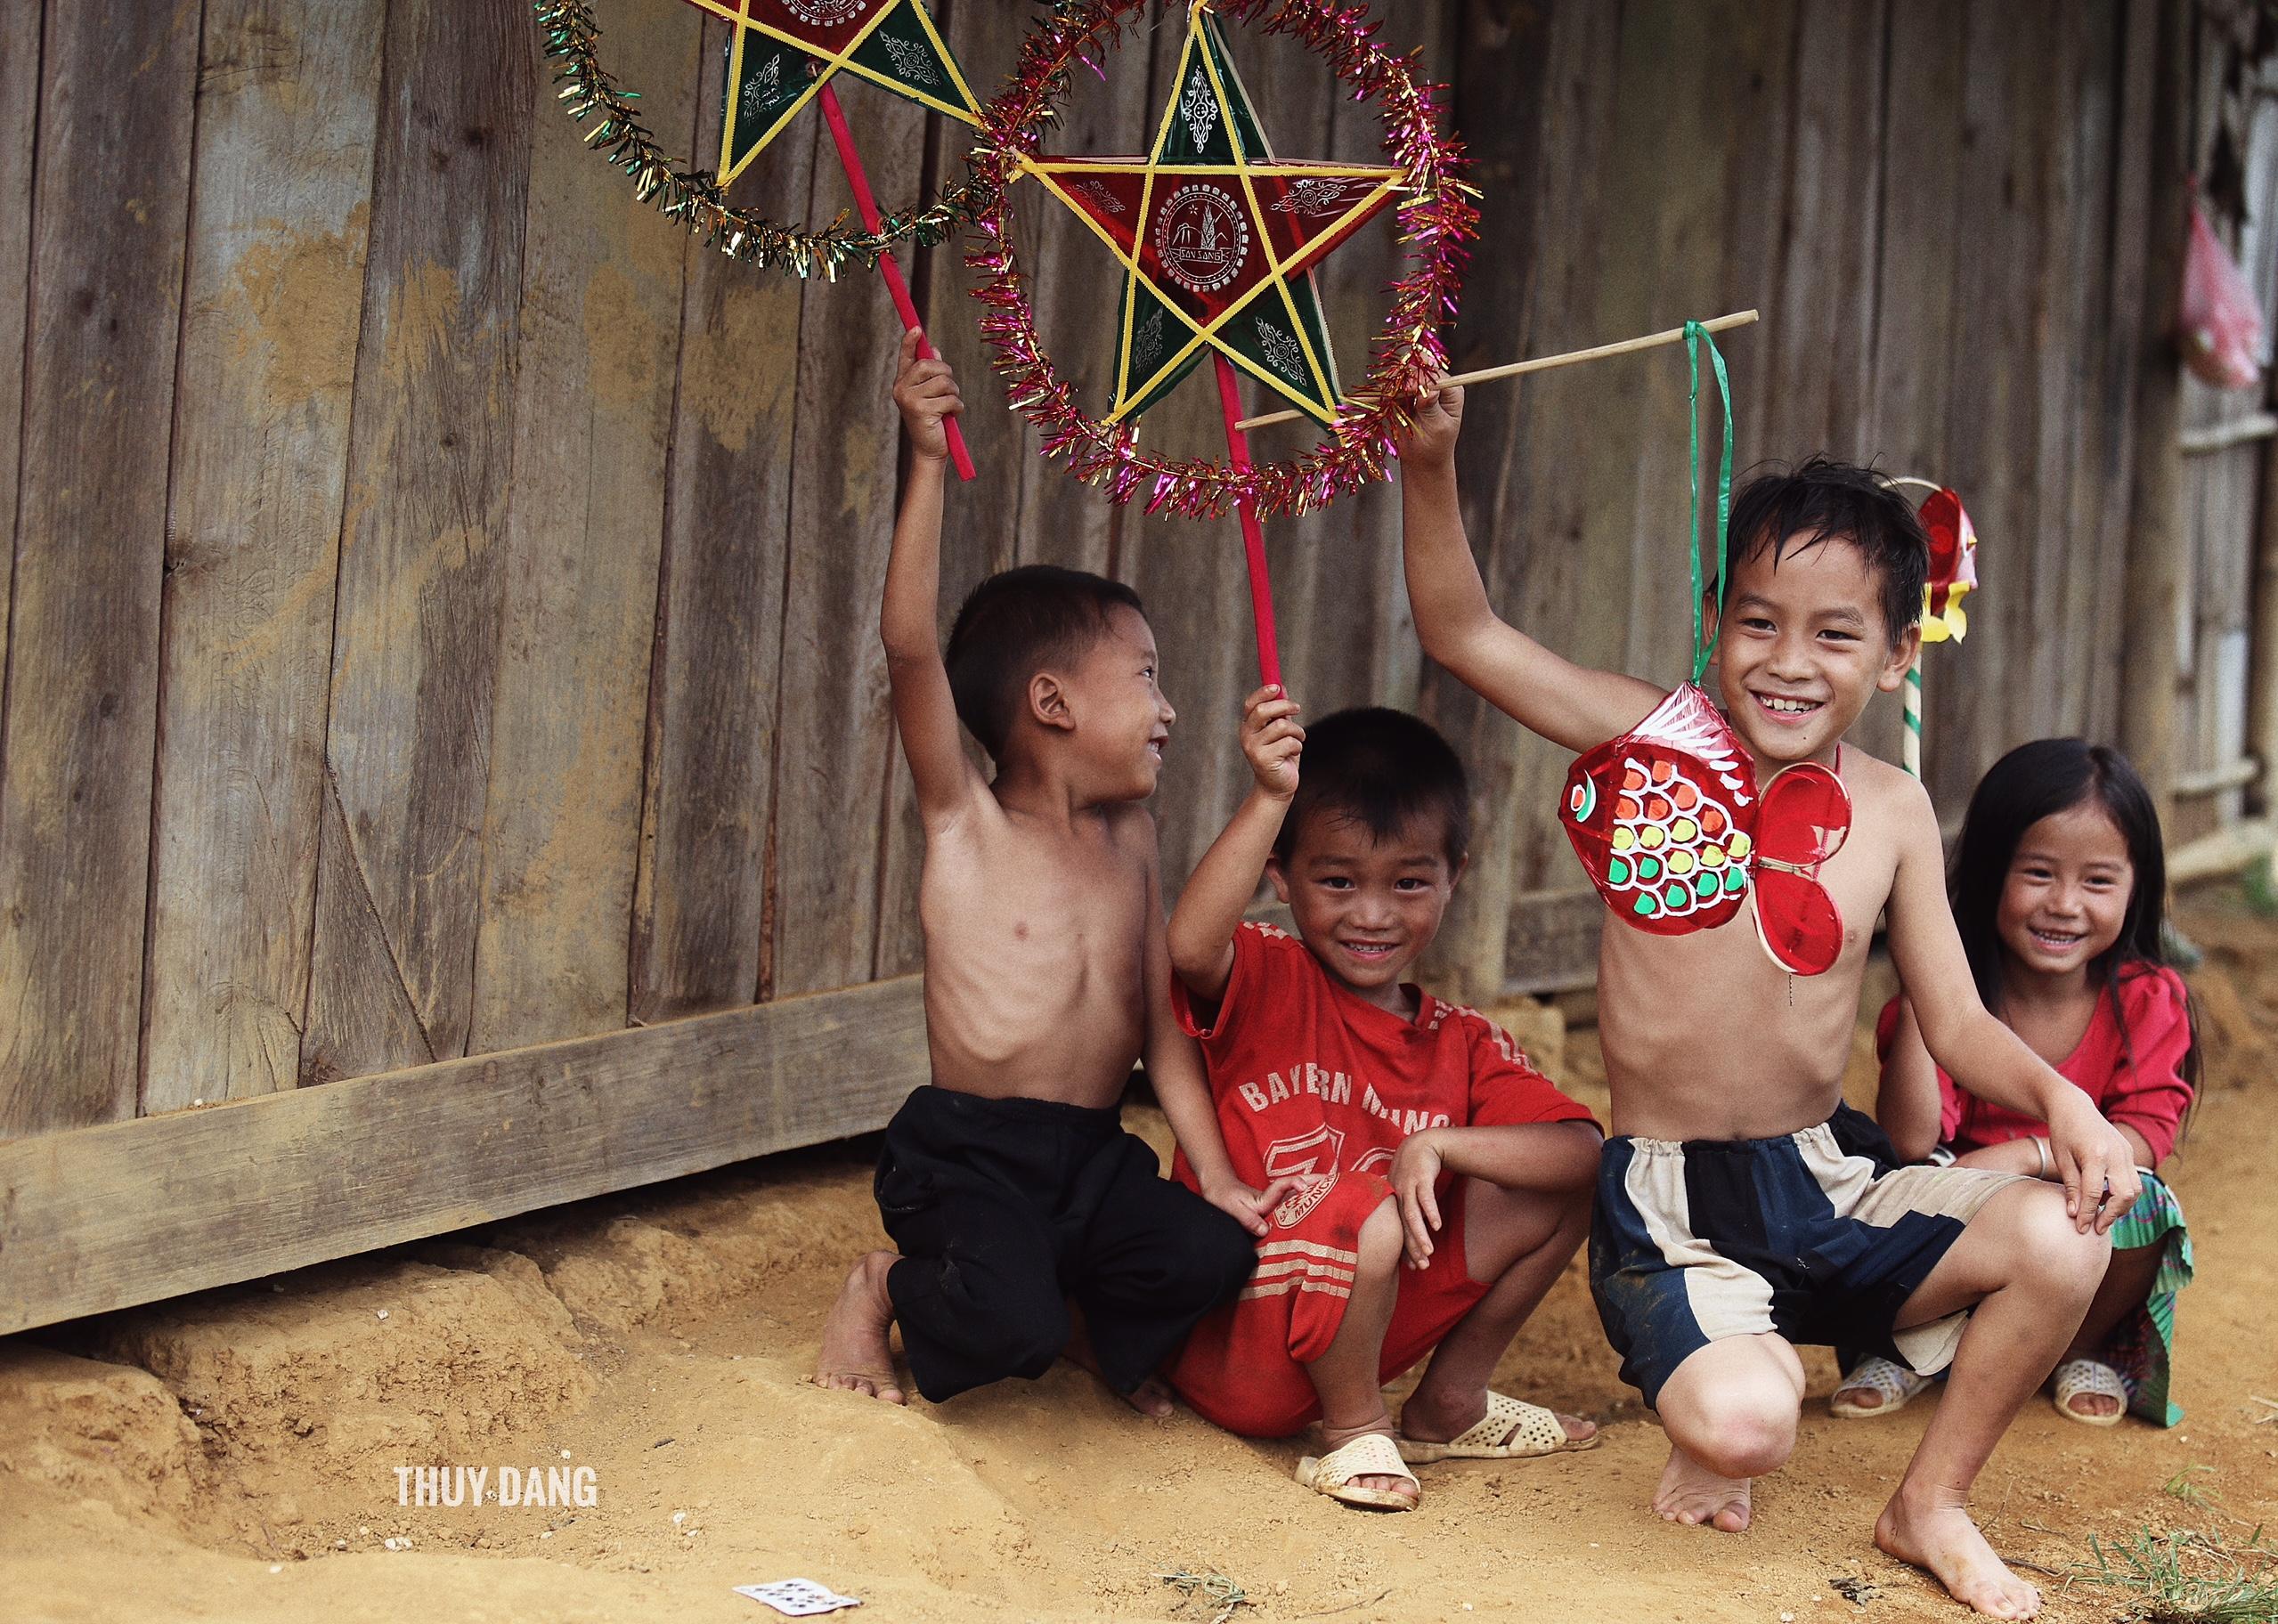 Hình ảnh gây xúc động về trung thu của trẻ em vùng cao